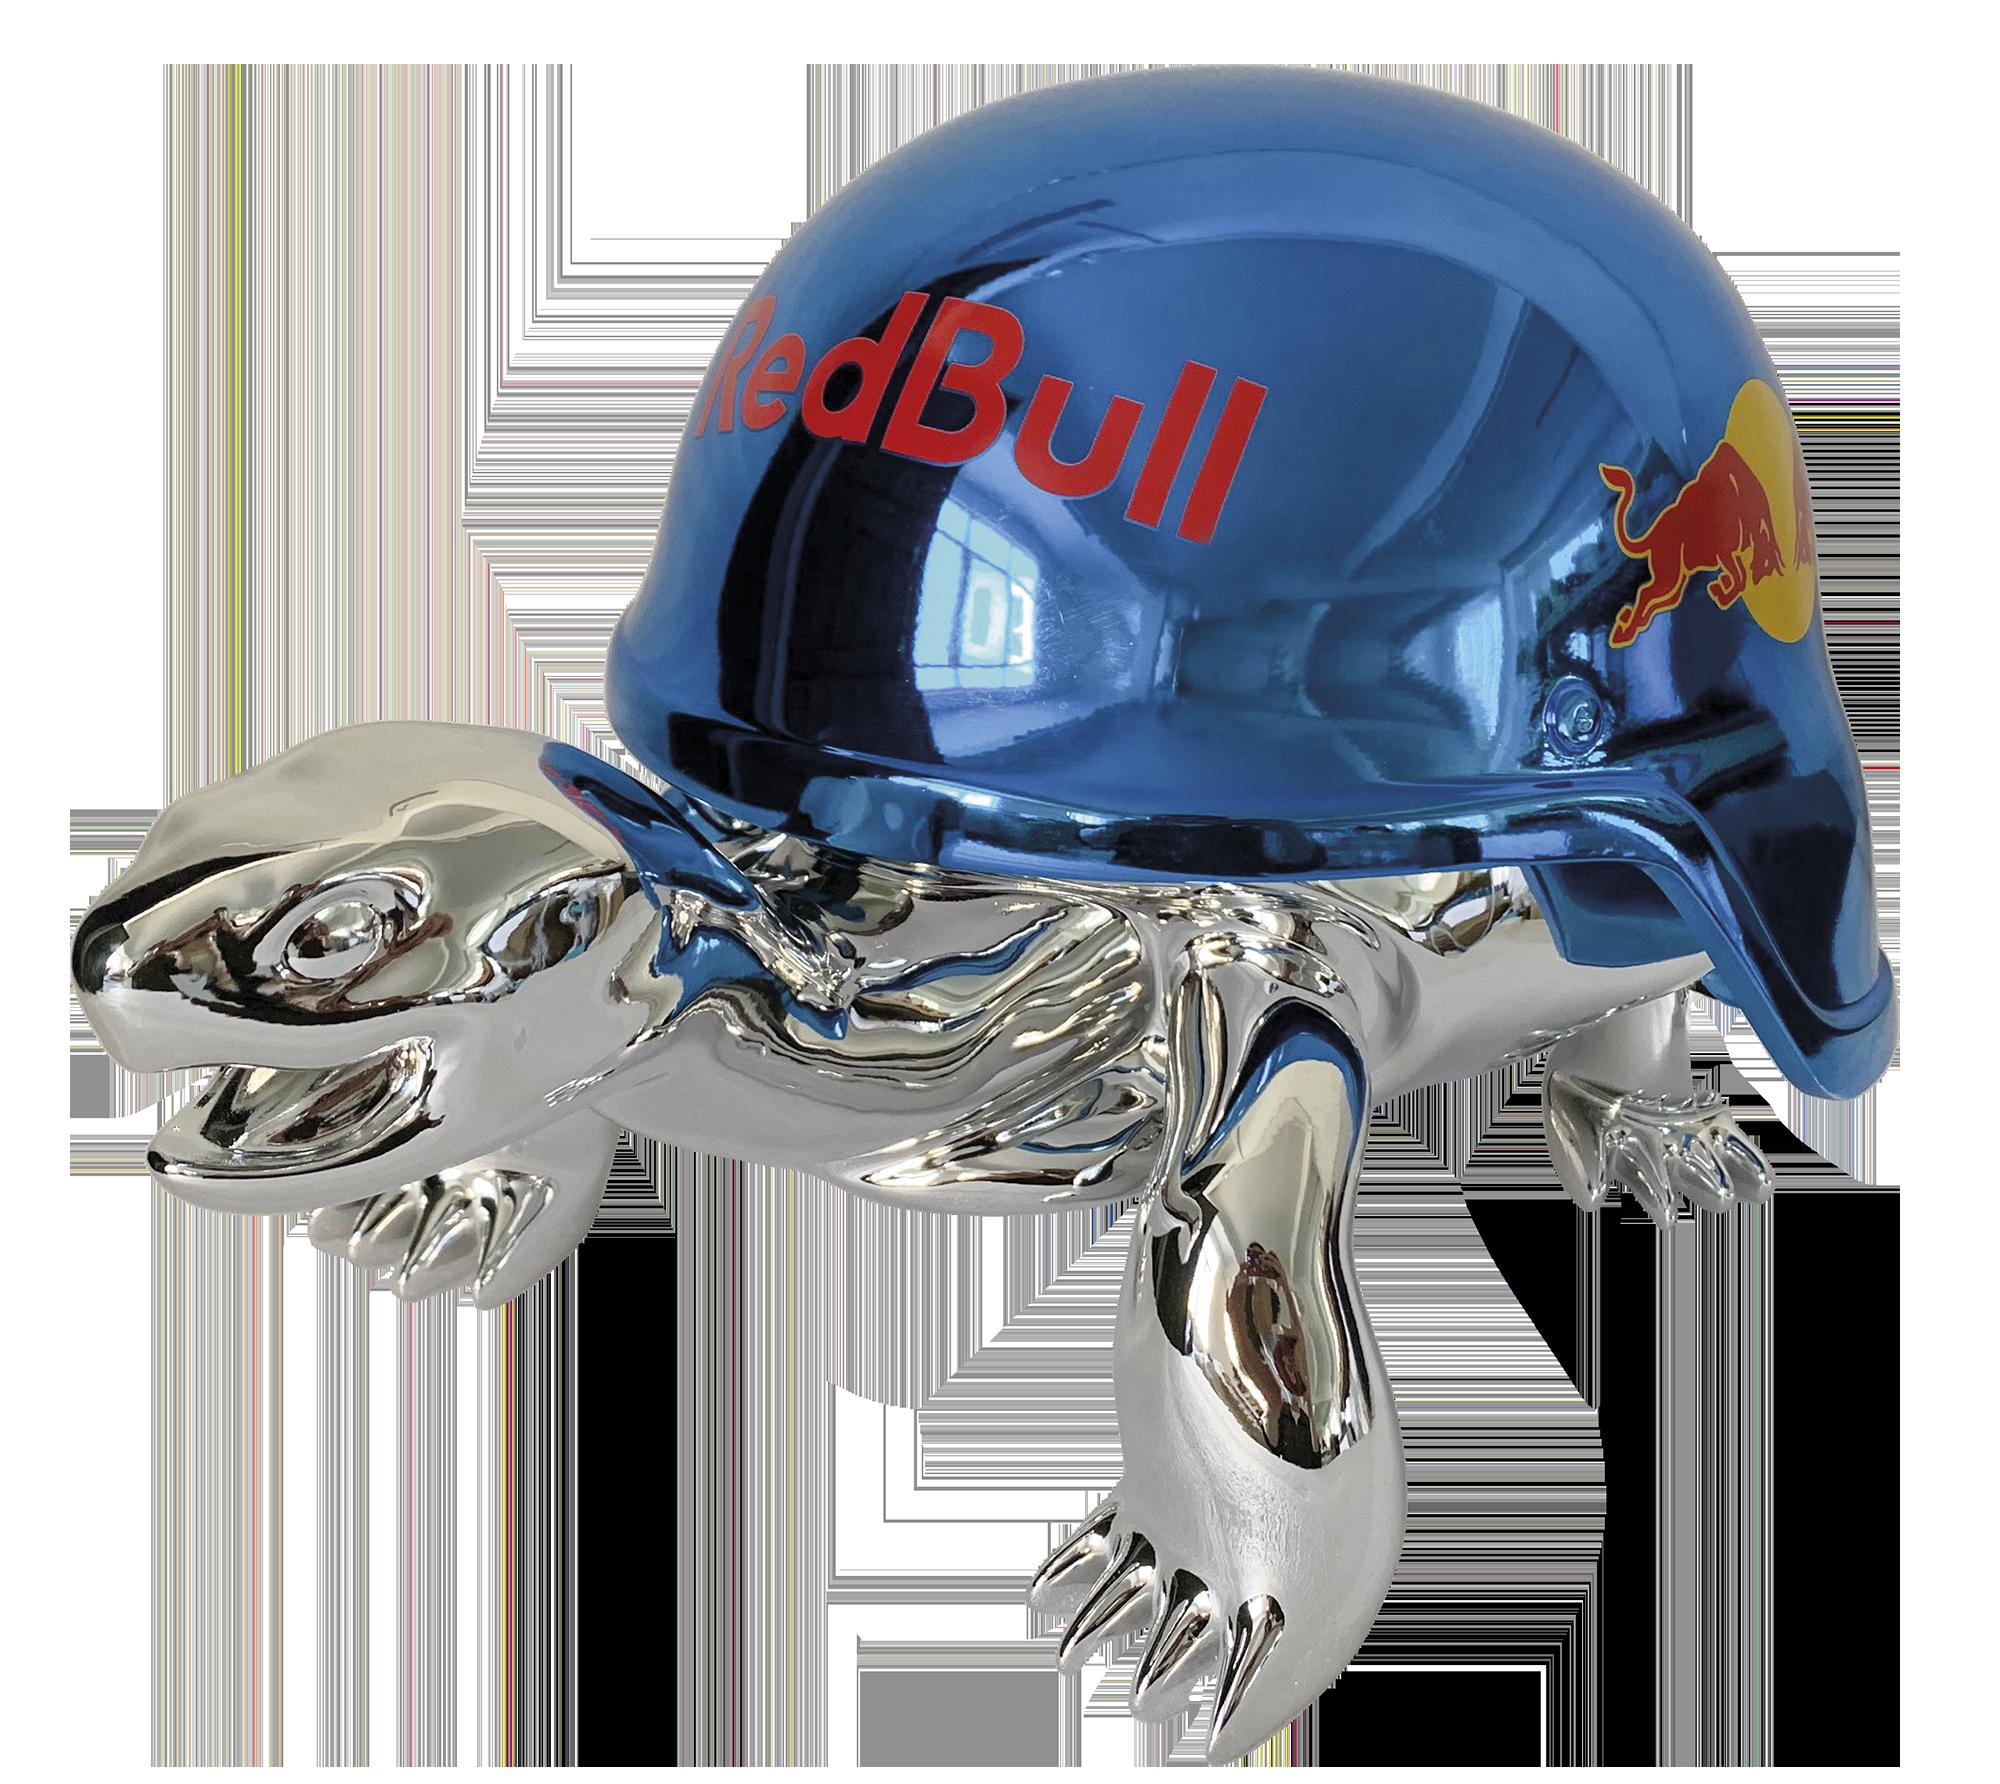 Diederik - Speed Turtle